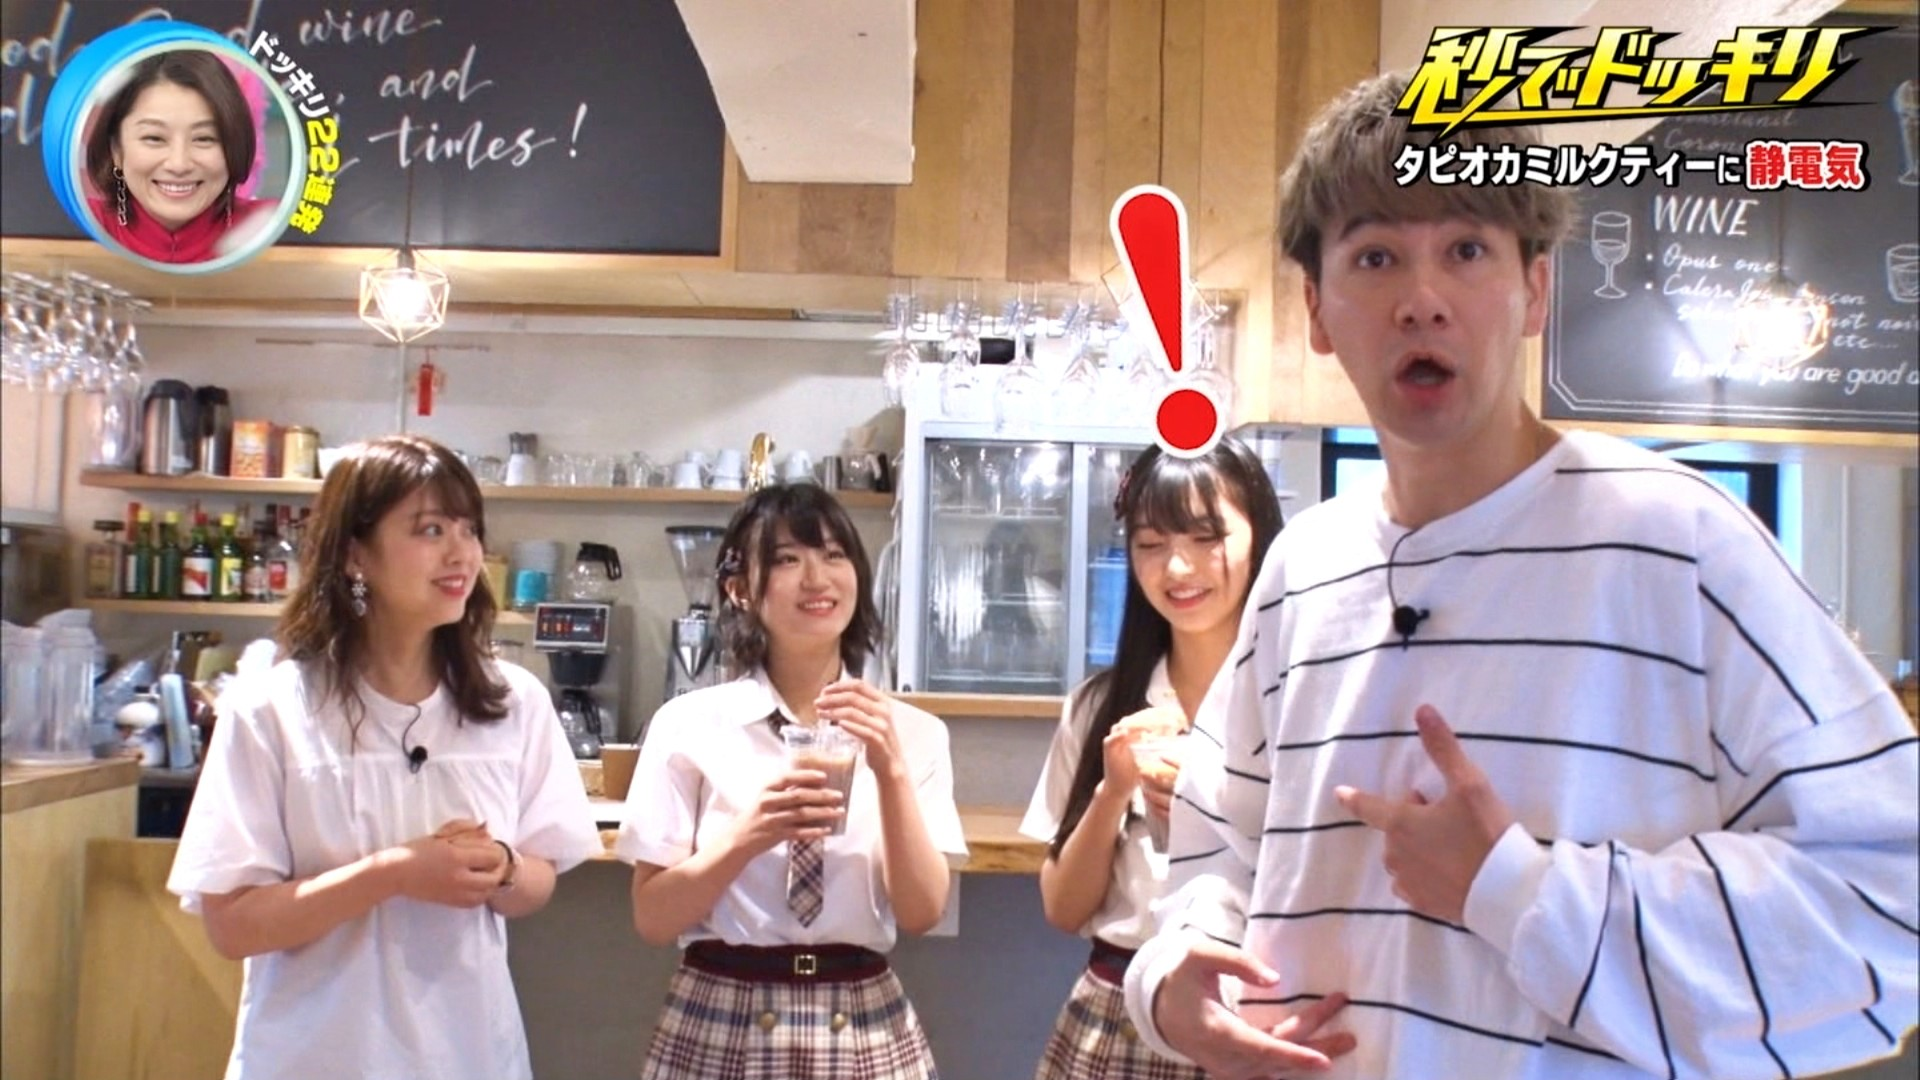 2019年11月30日にフジテレビ系列でほうそうされた「芸能人が本気で考えた!ドッキリGP」に出演したNMB48上西怜・大田莉央奈の画像-010